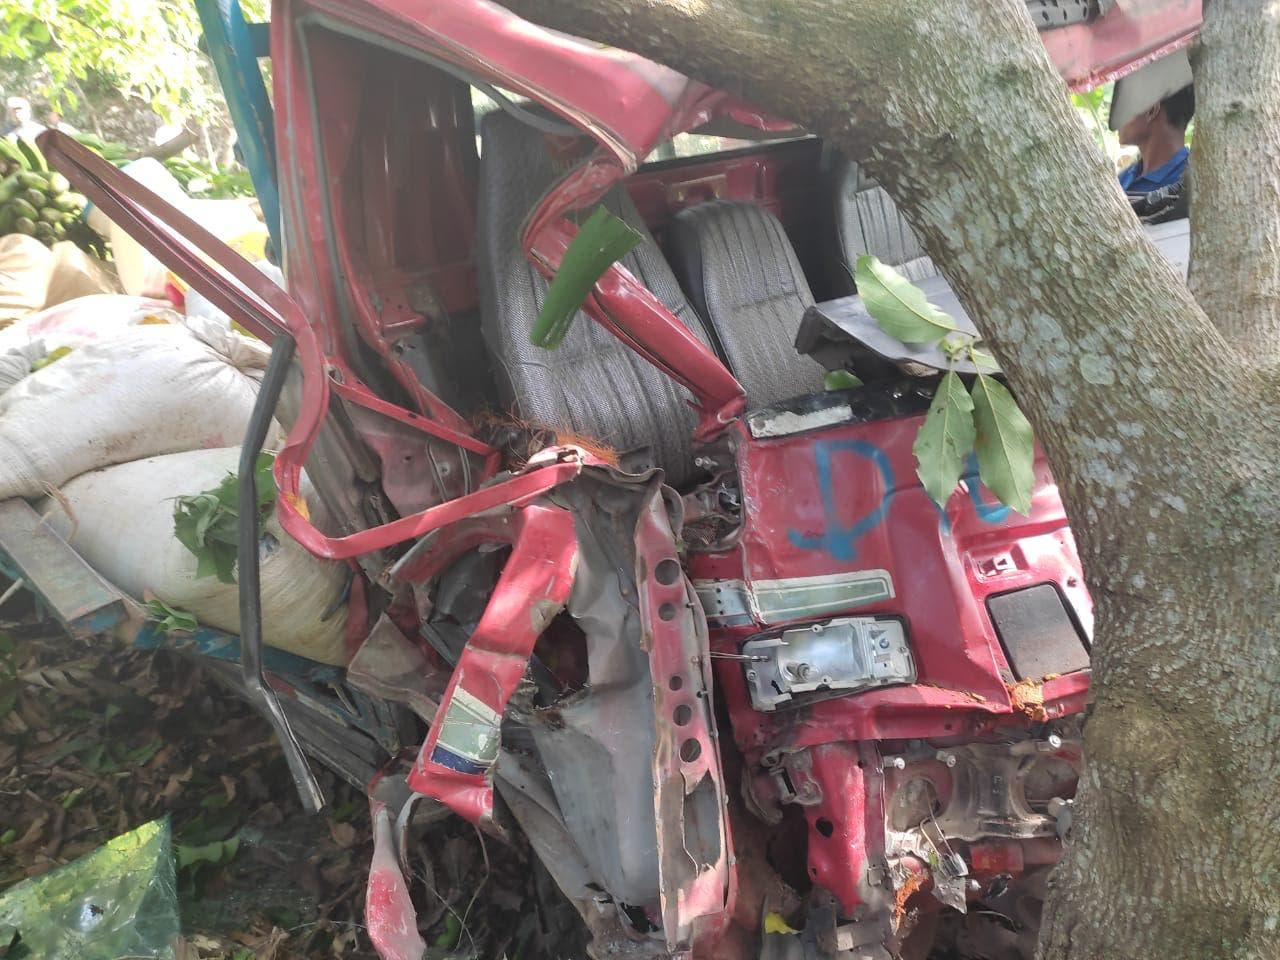 Aparatoso accidente deja un muerto y más de una decena de heridos en Pedernales